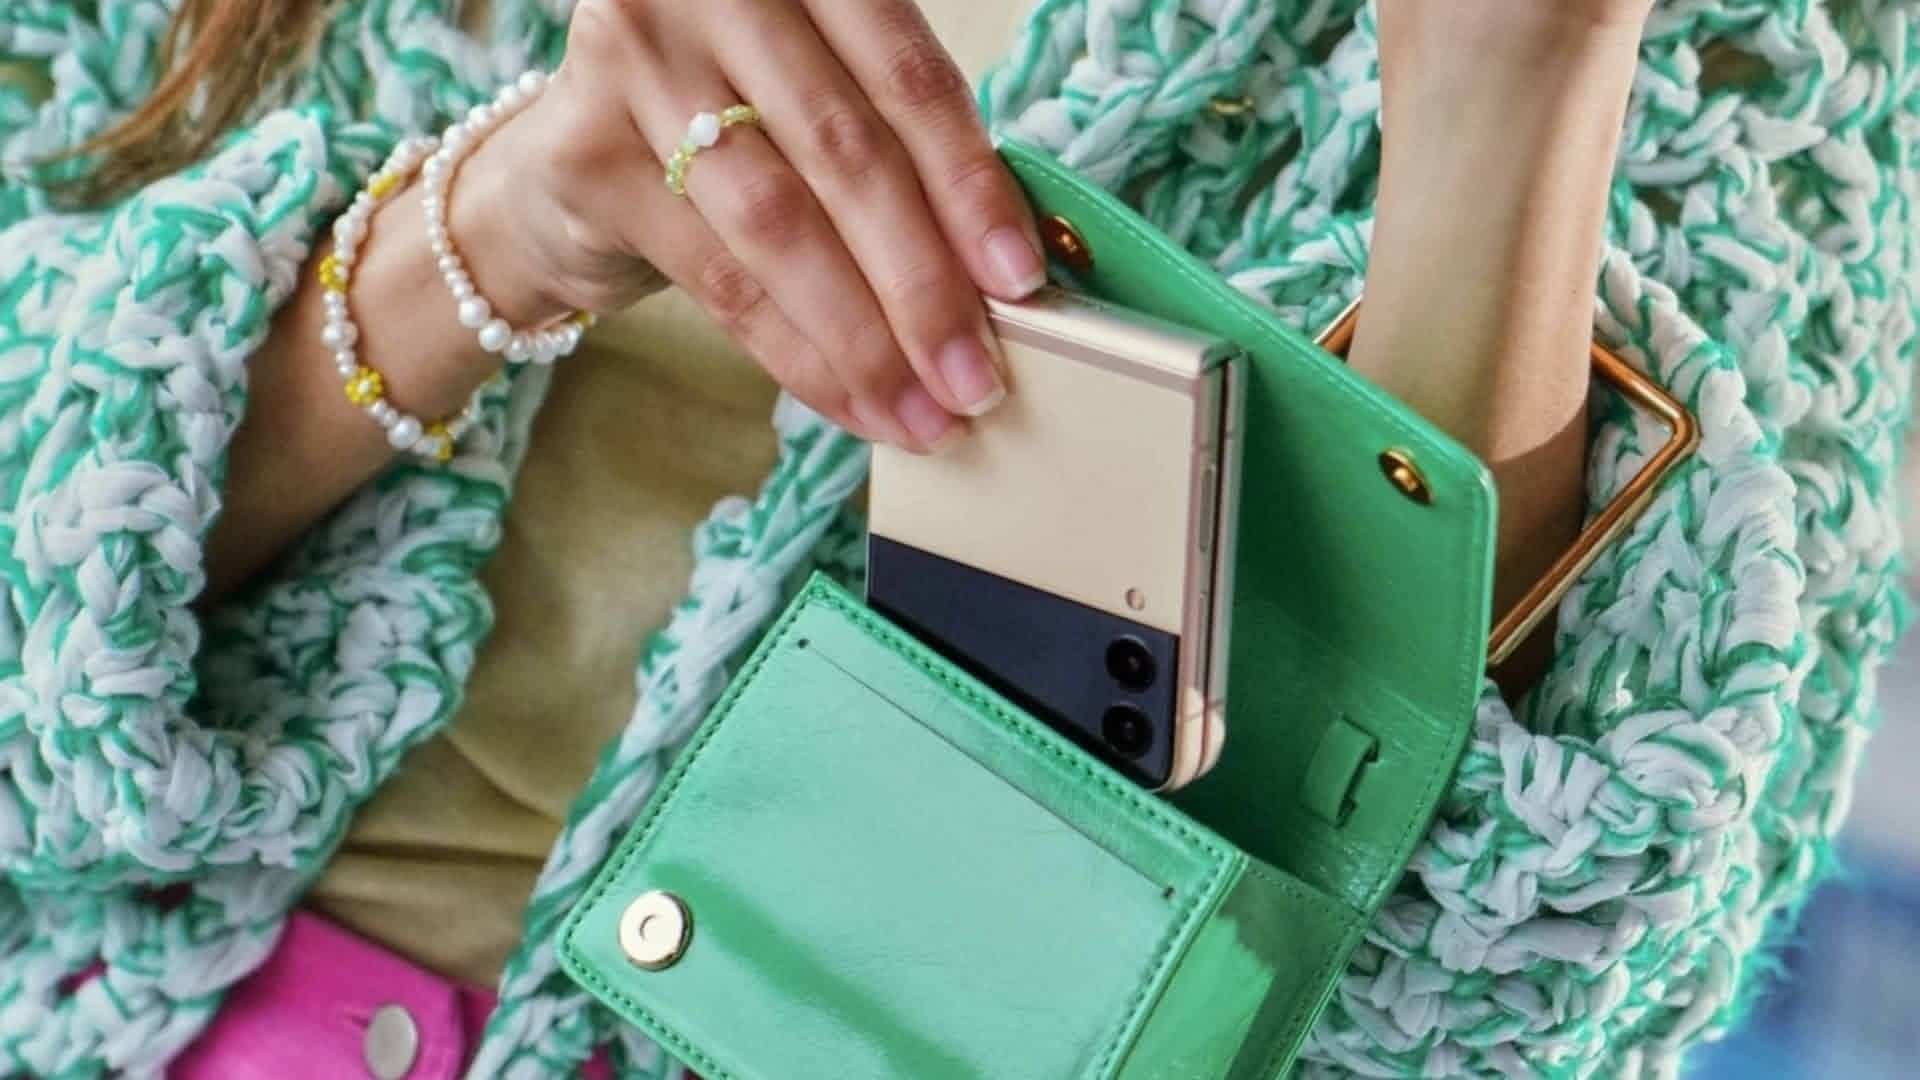 Mulher coloca o celular Galaxy Z Flip 3 cor creme dentro de uma bolsa verde